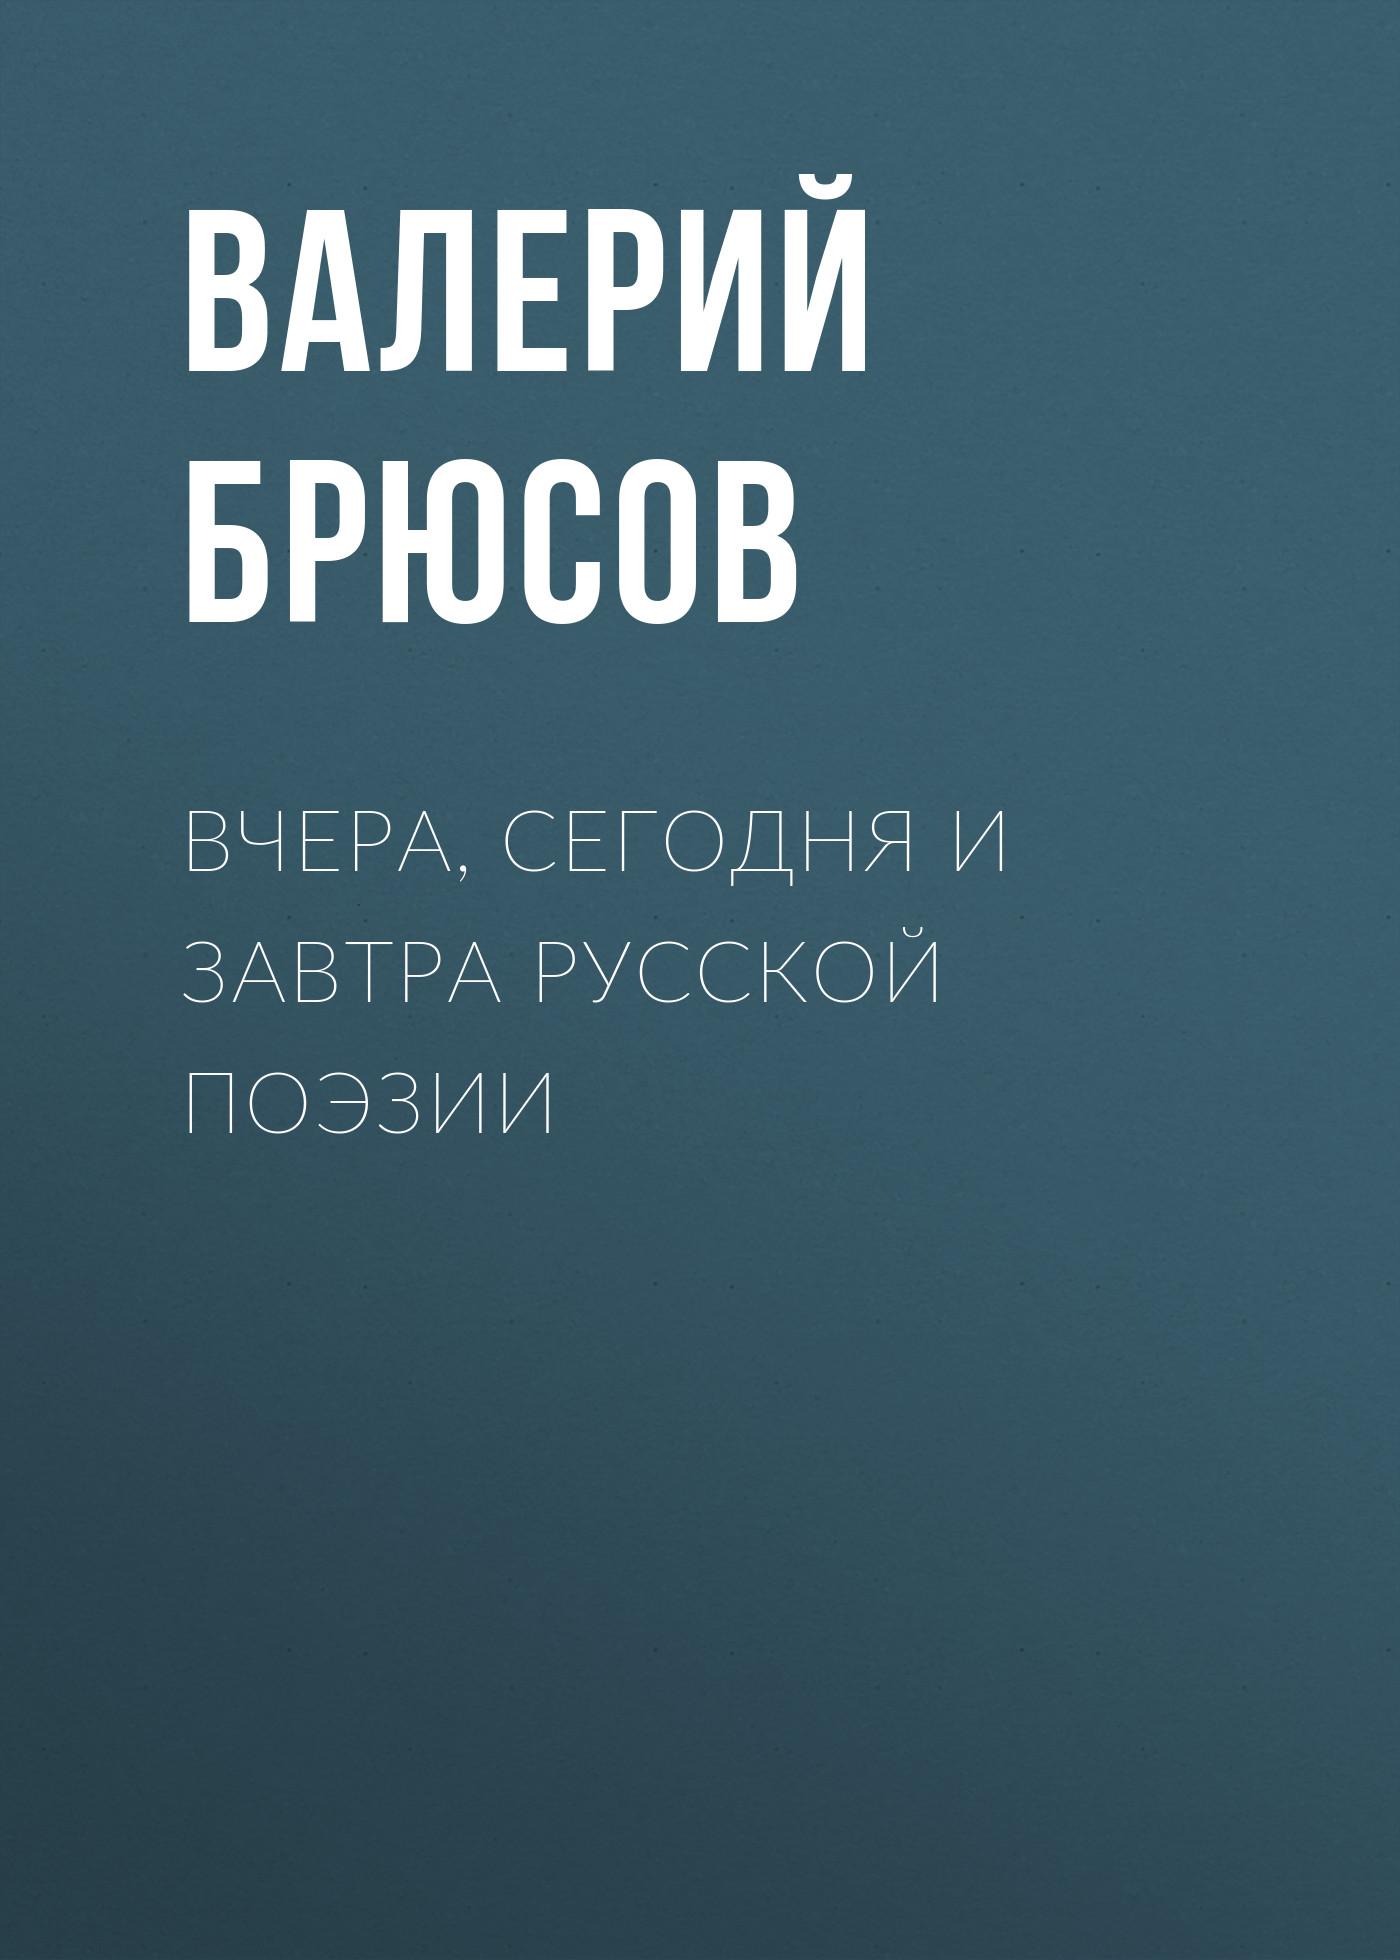 Купить книгу Вчера, сегодня и завтра русской поэзии, автора Валерия Брюсова